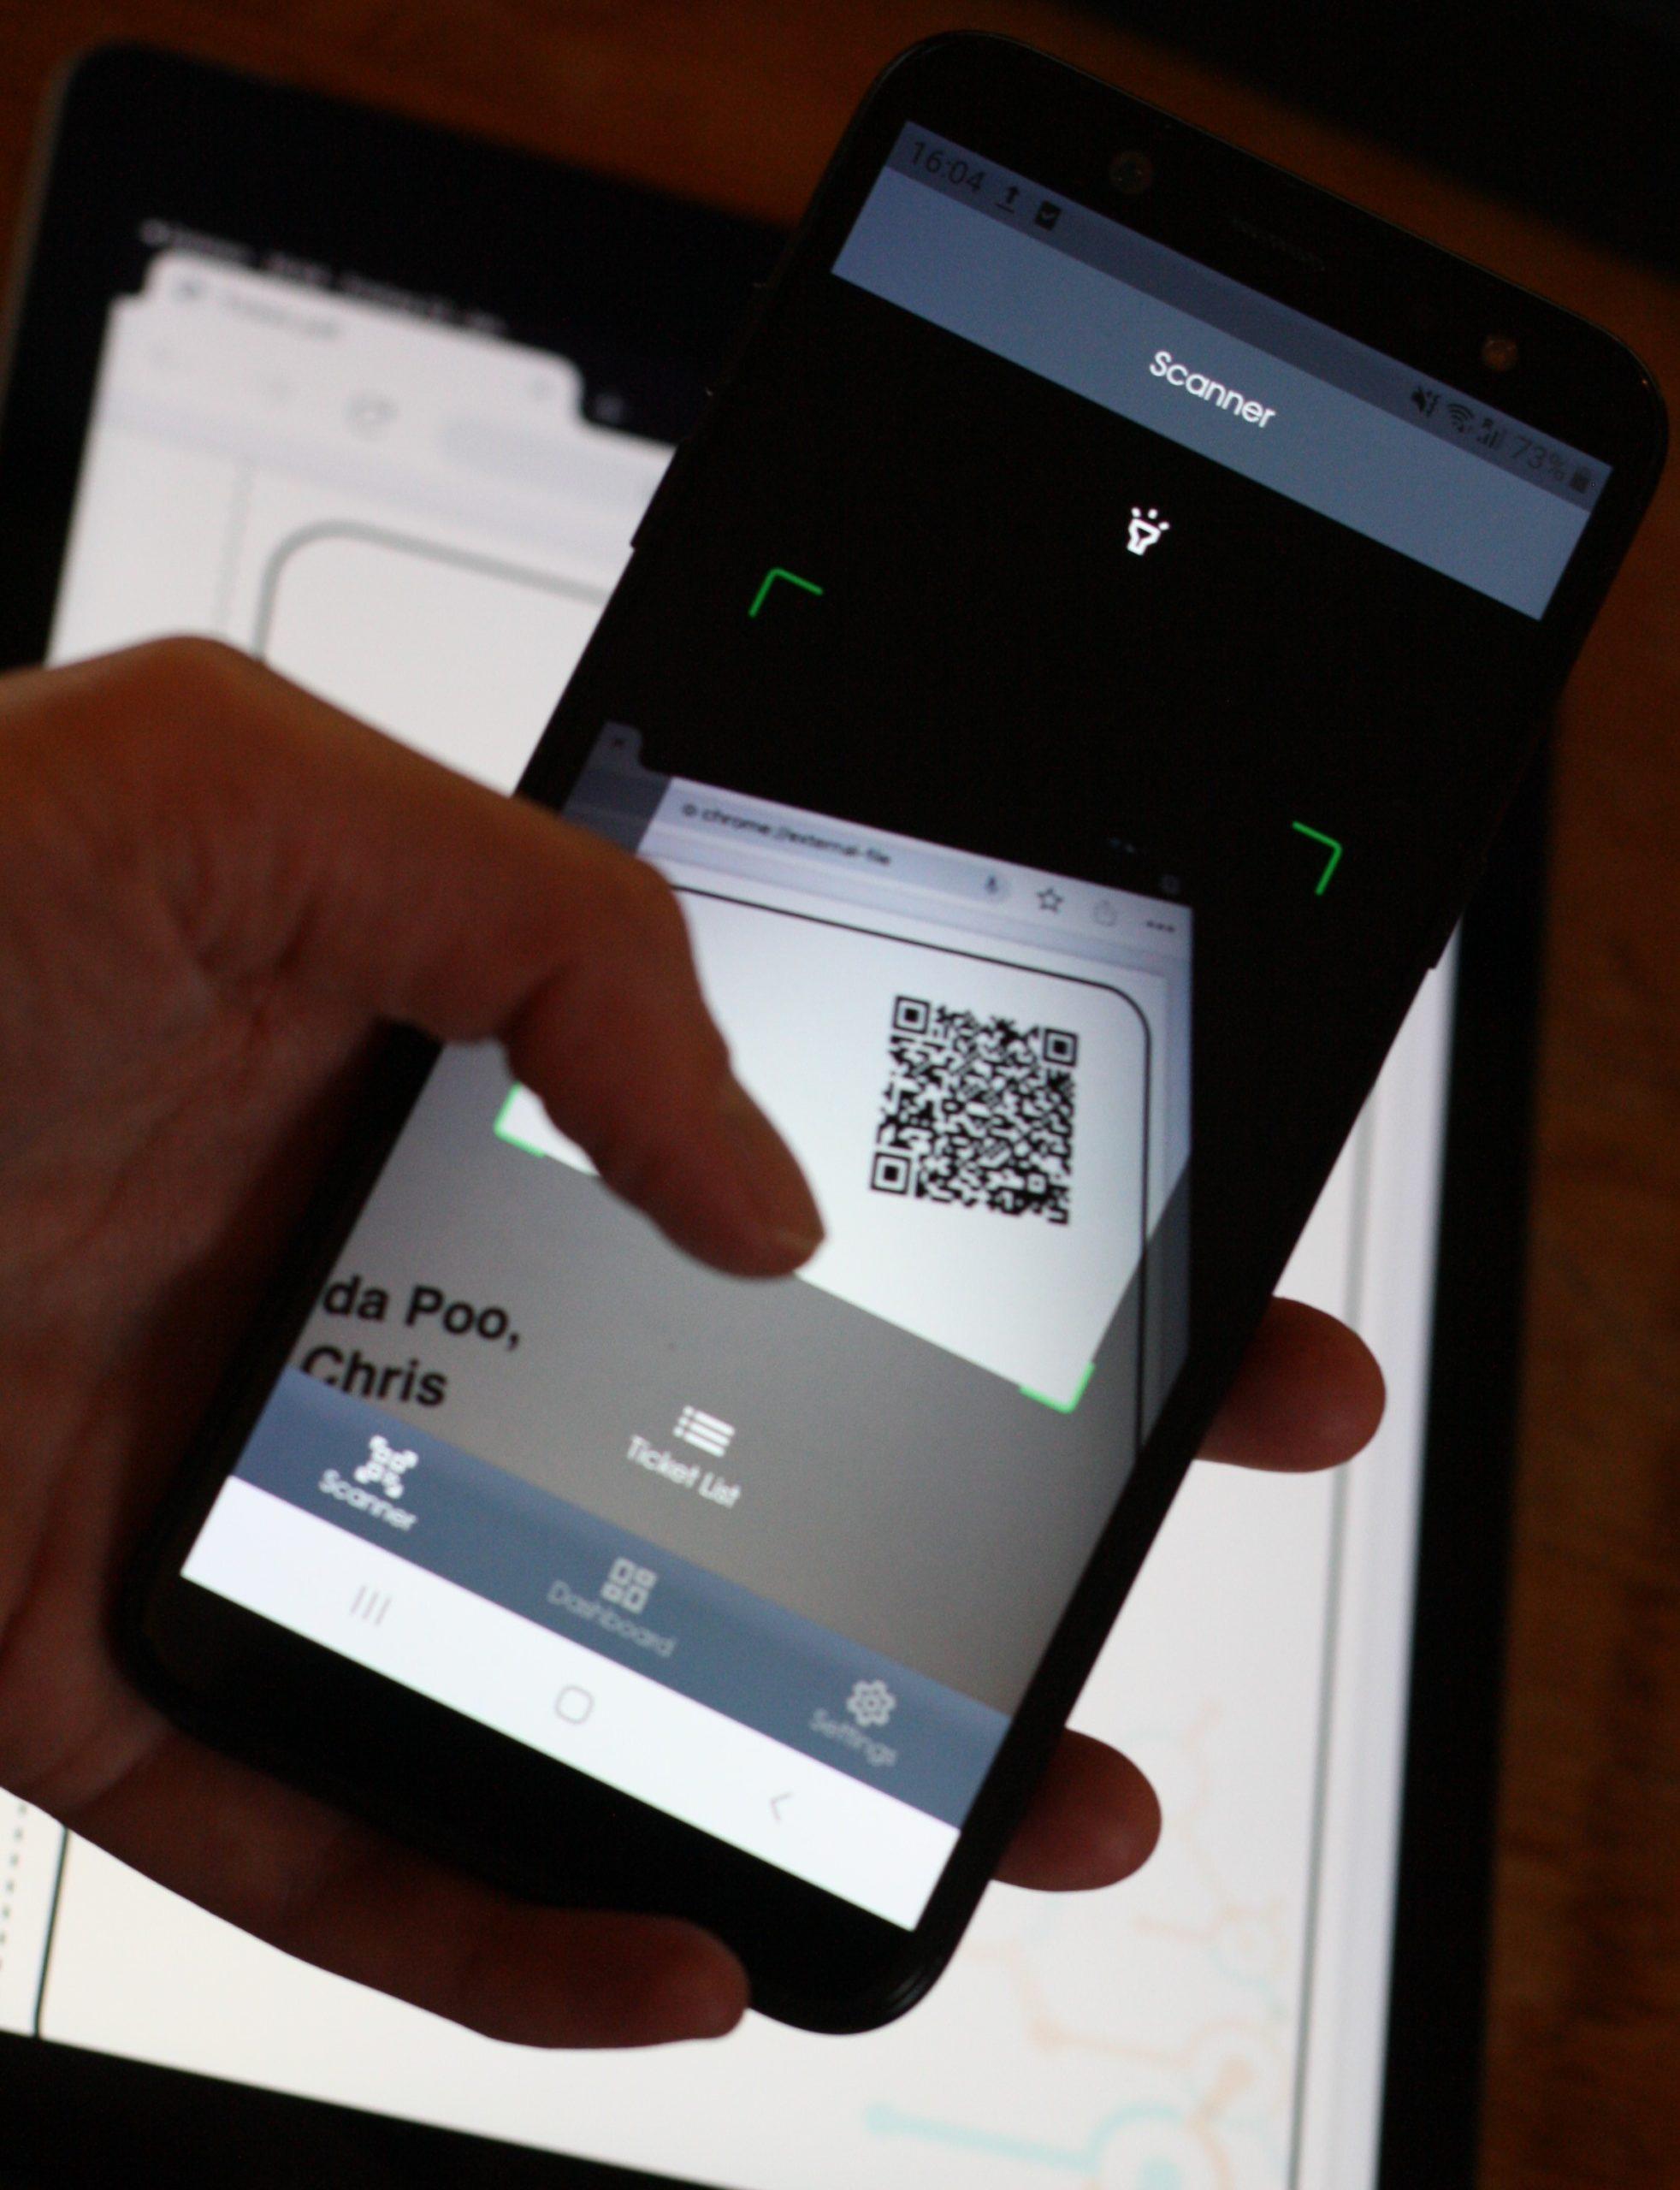 Eine Hand hält ein Smartphone mit der Connfair Admin App und scannt damit den QR-Code eines Online-Tickets auf einem iPad.